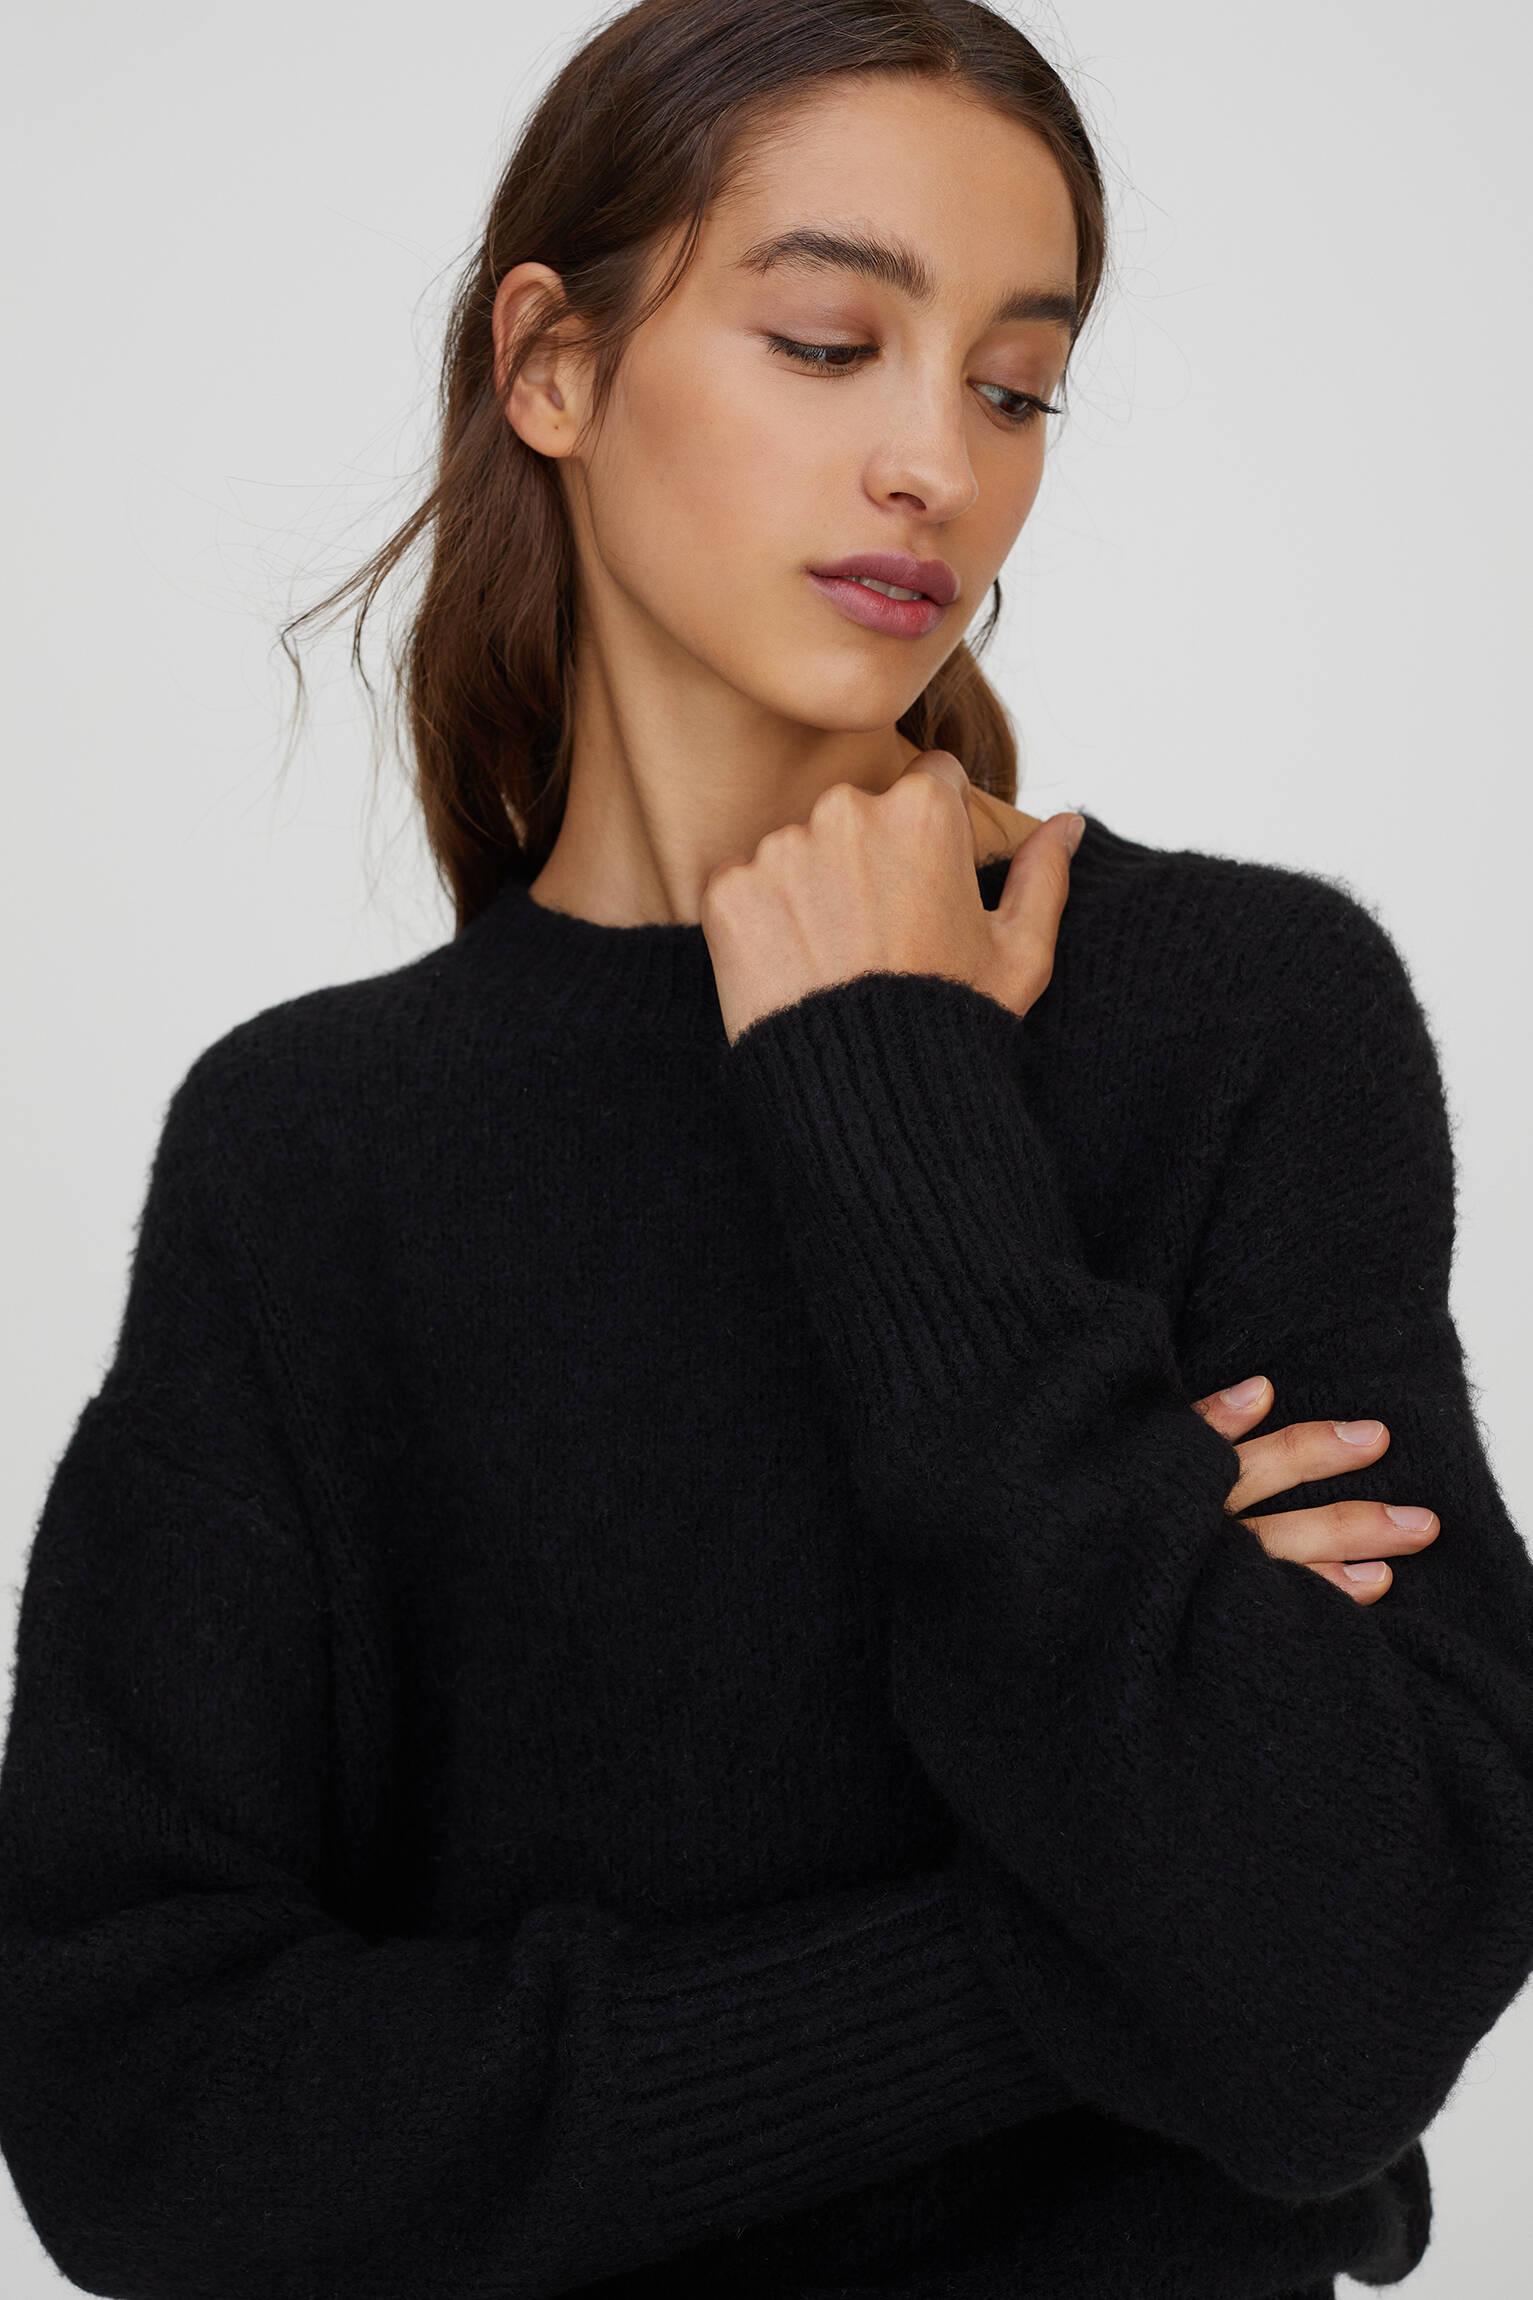 Мягкий свитер из синтетической шерсти ЧЕРНЫЙ Pull & Bear